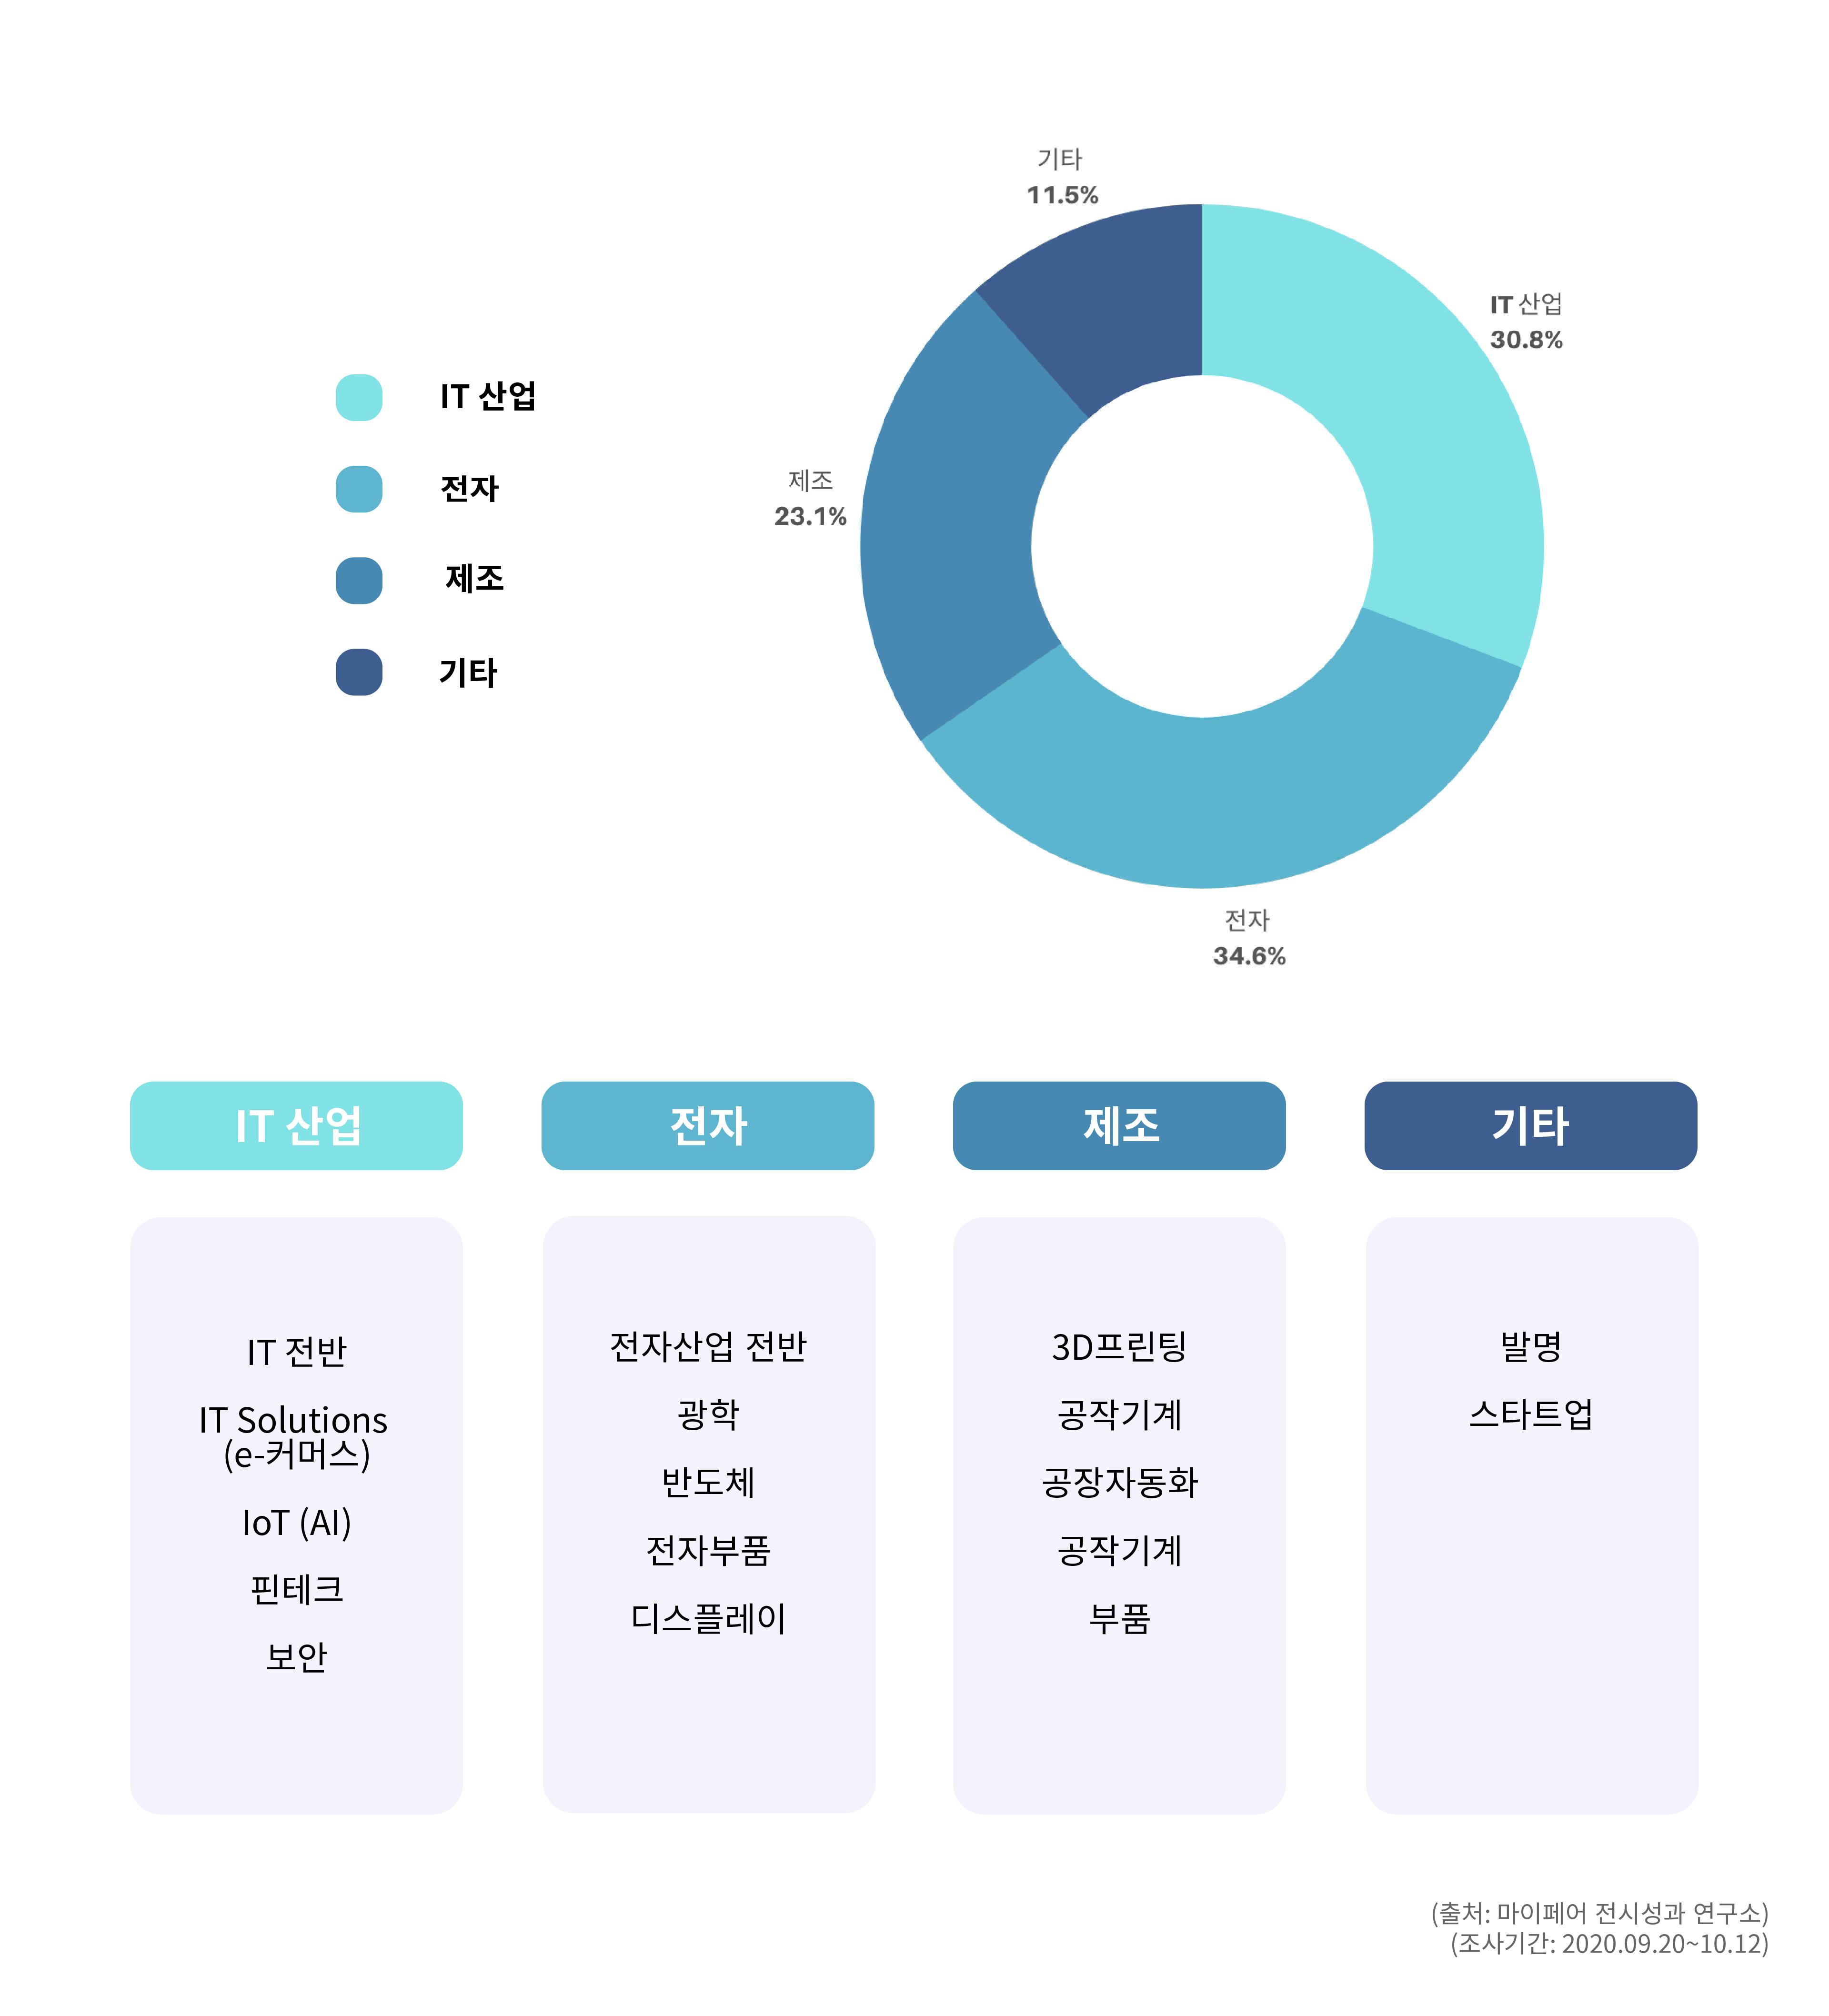 산업군별 대만 박람회 개최 경향 차트